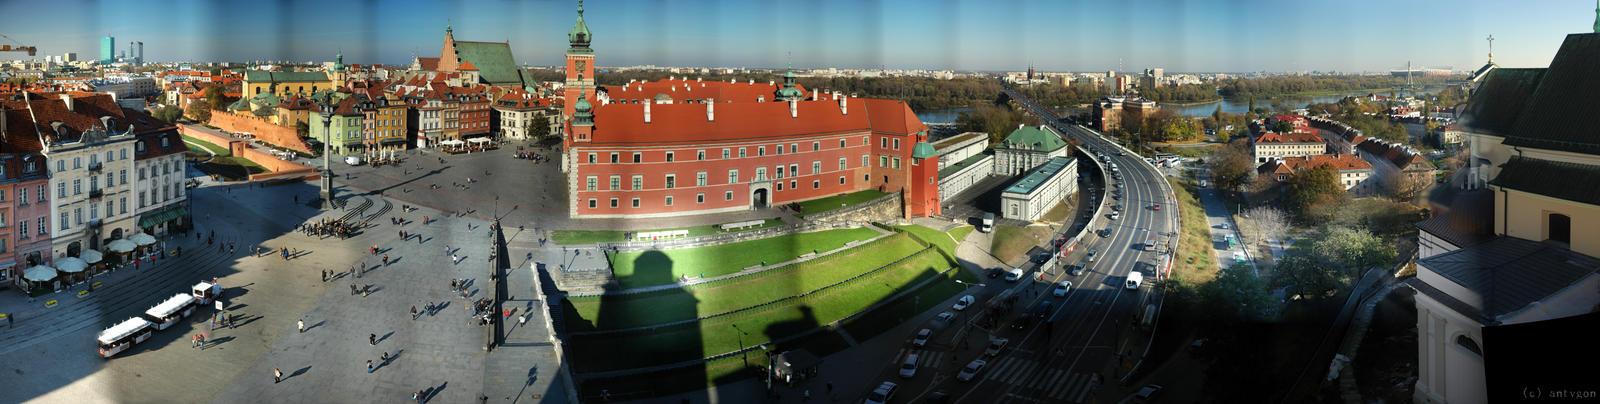 Warsaw - Royal Castle by adamsik